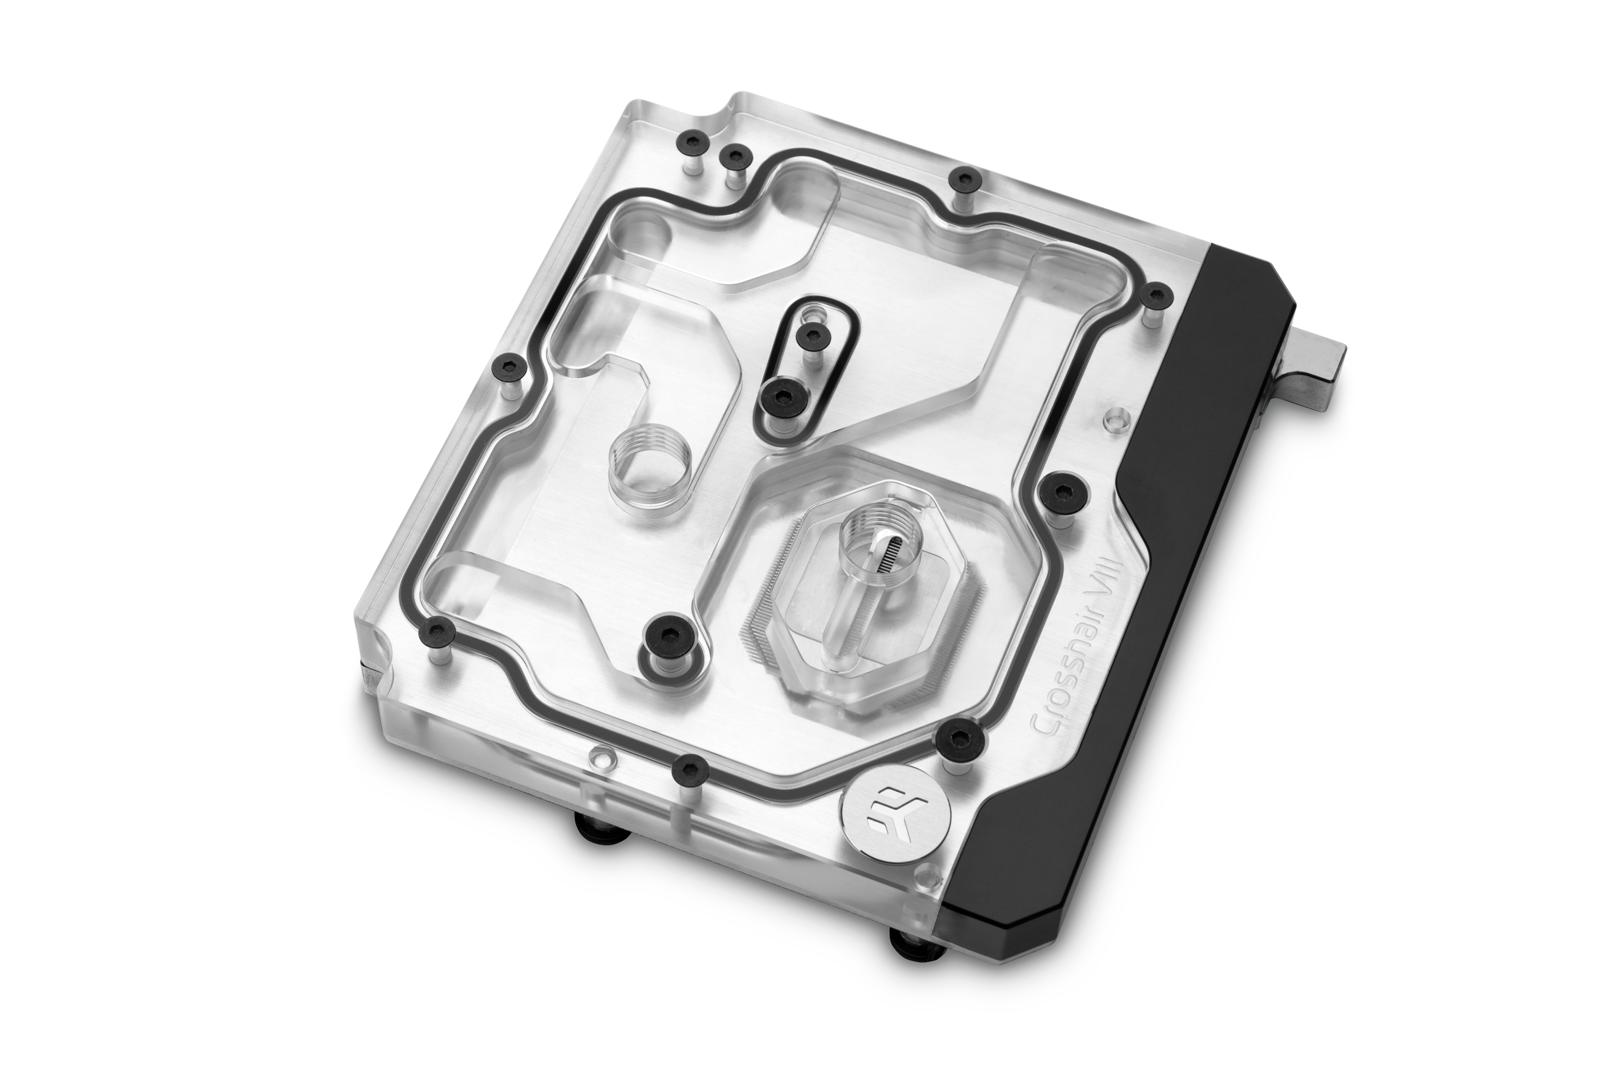 ROG Crosshair VIII Hero X570 Monoblock front